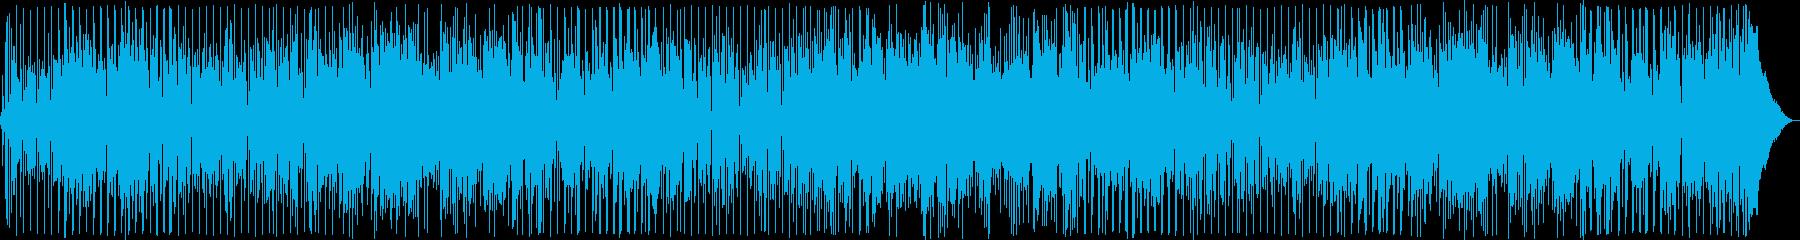 アコギの落ち着いたムードある曲の再生済みの波形